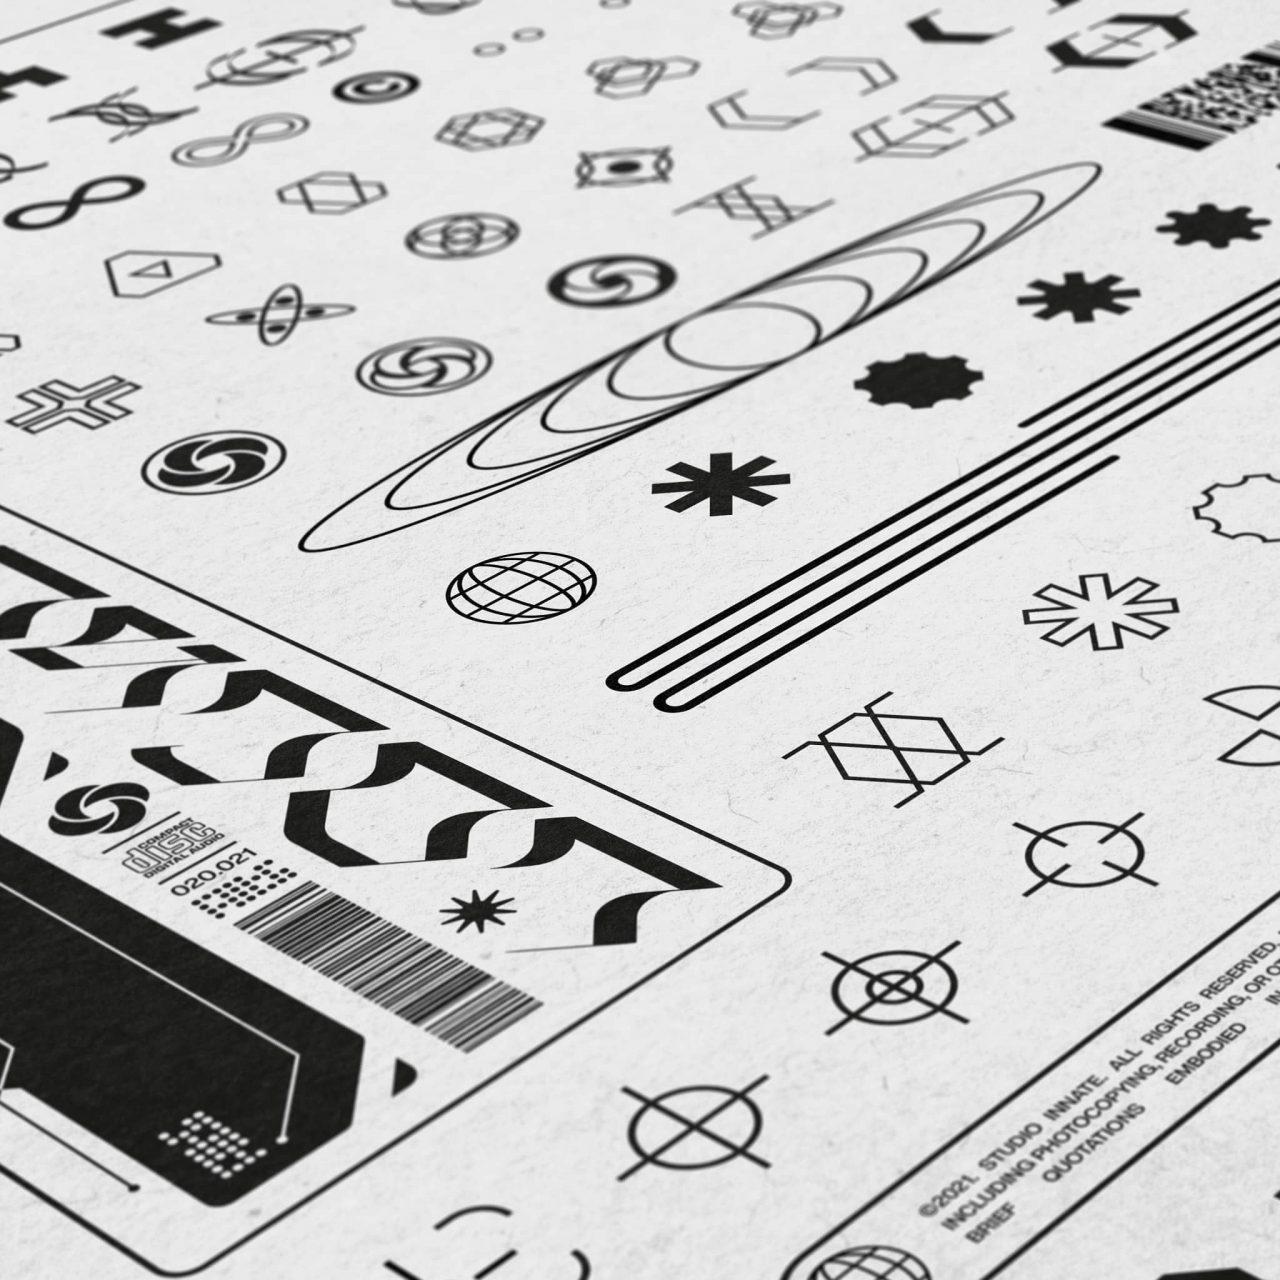 [单独购买] 230款时尚潮流现代艺术几何赛博朋克Logo图形AI矢量设计素材 Studio Innate – Lockup Vector Pack Vol.2插图3